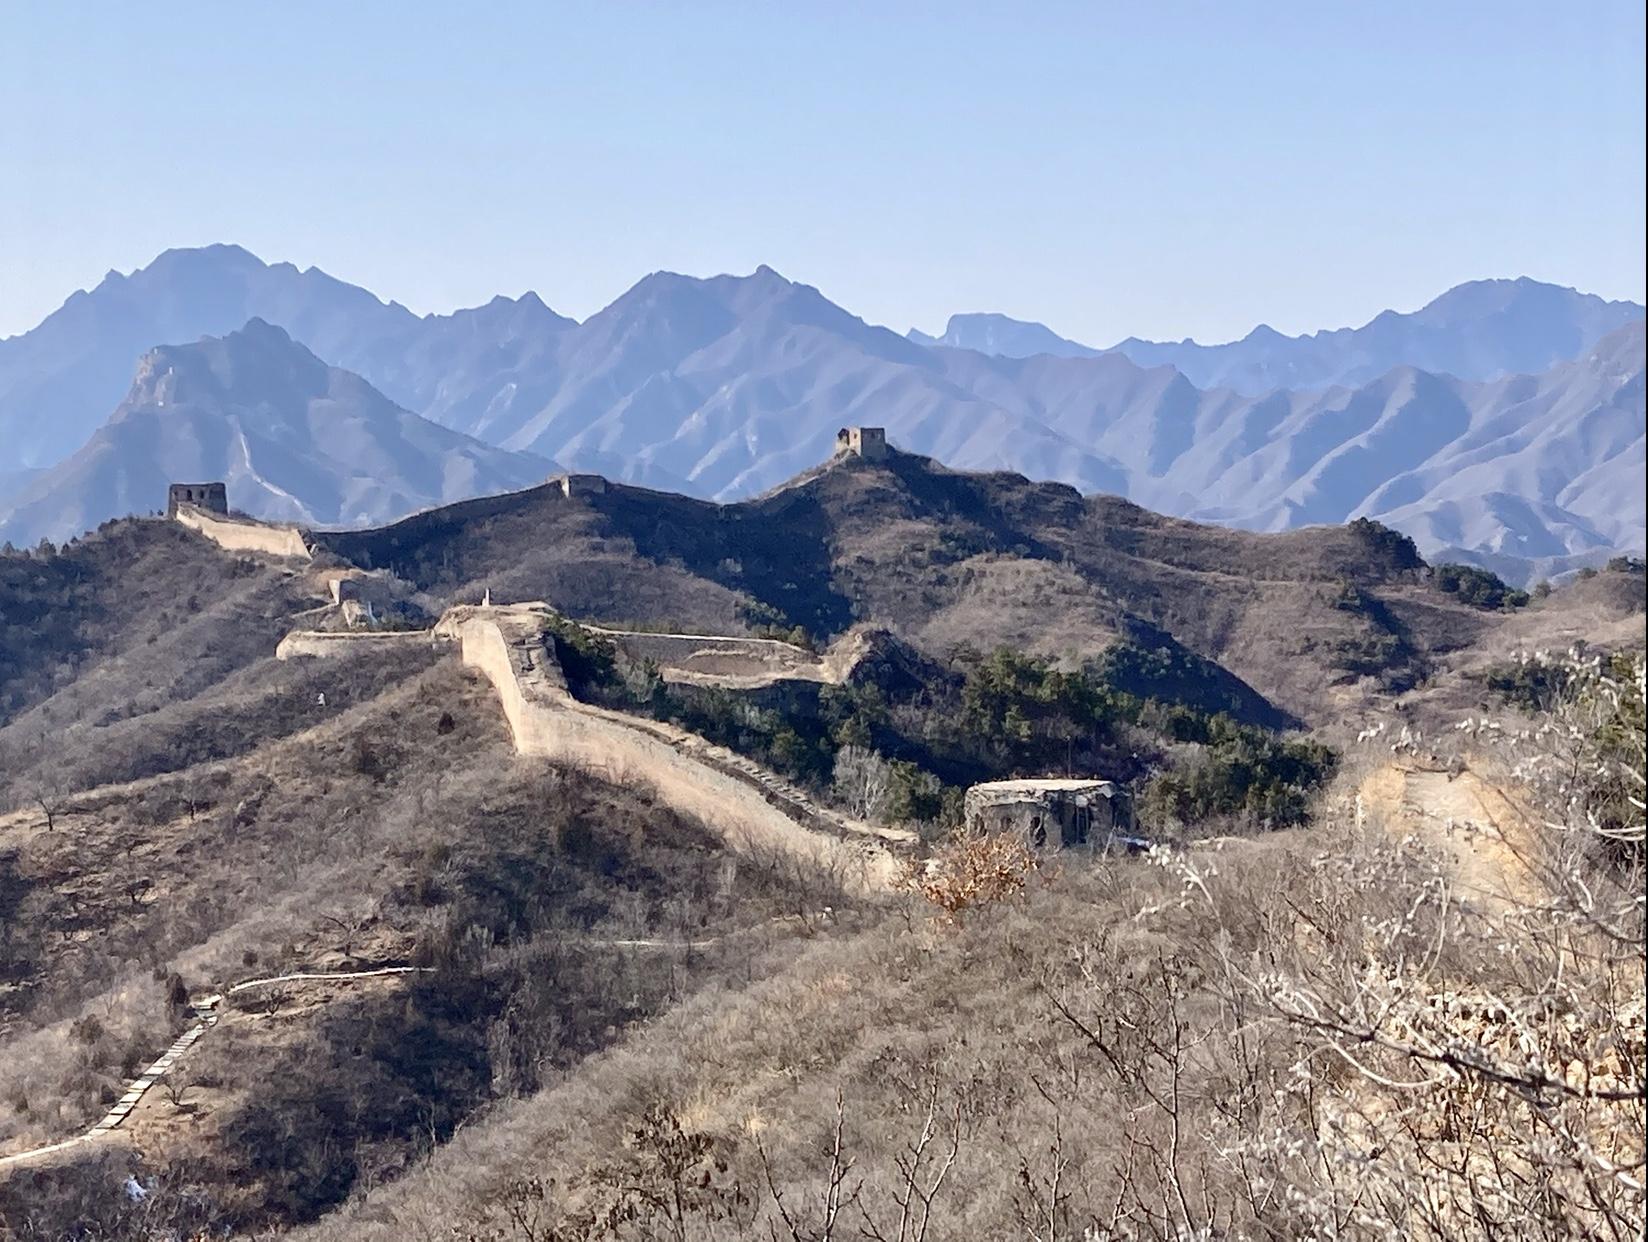 Grande Muralha da China, cartão postal e uma das 7 Maravilhas do Mundo construídas pelo homem